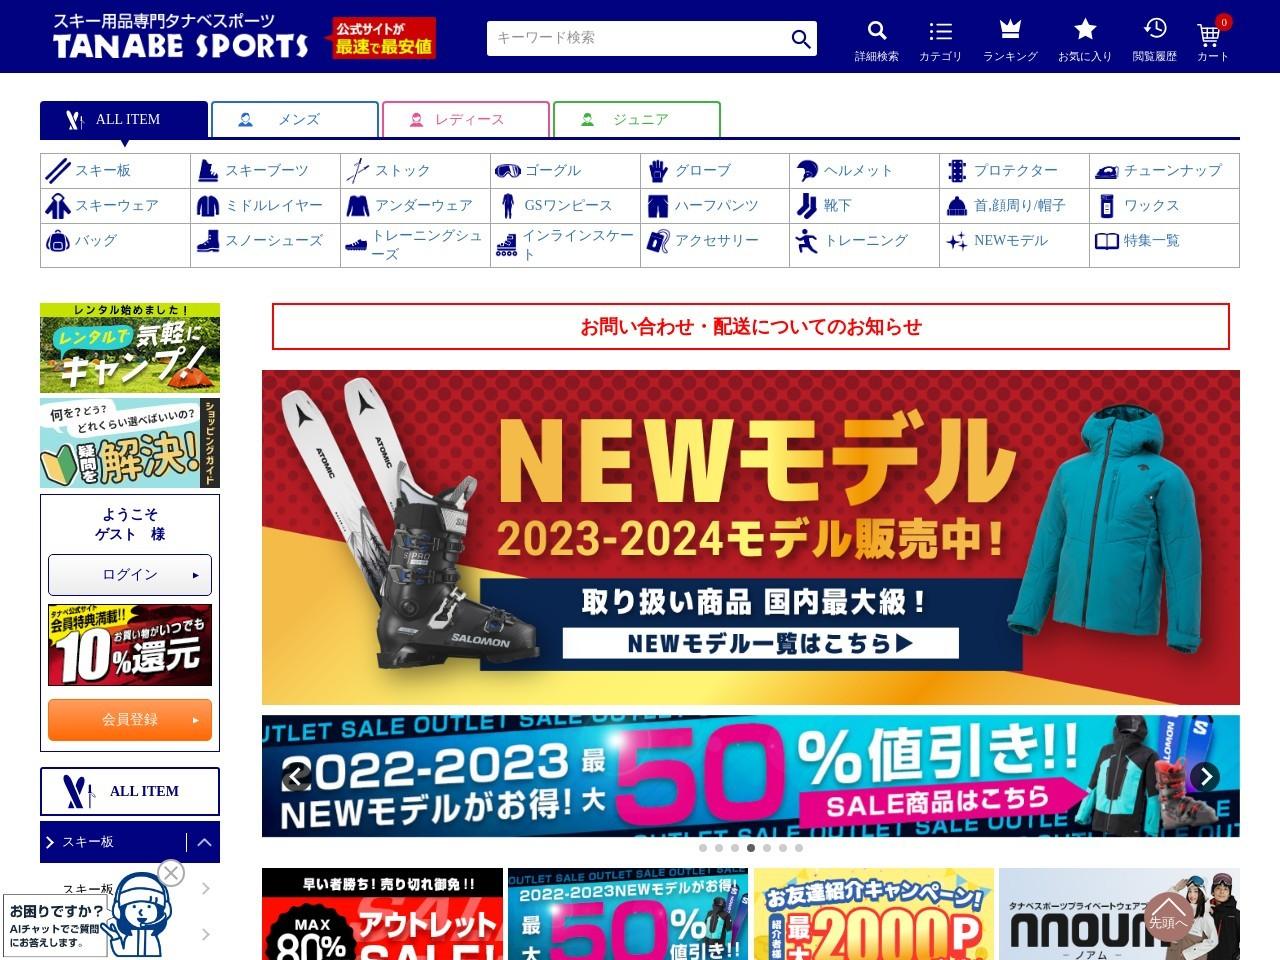 株式会社タナベスポーツ